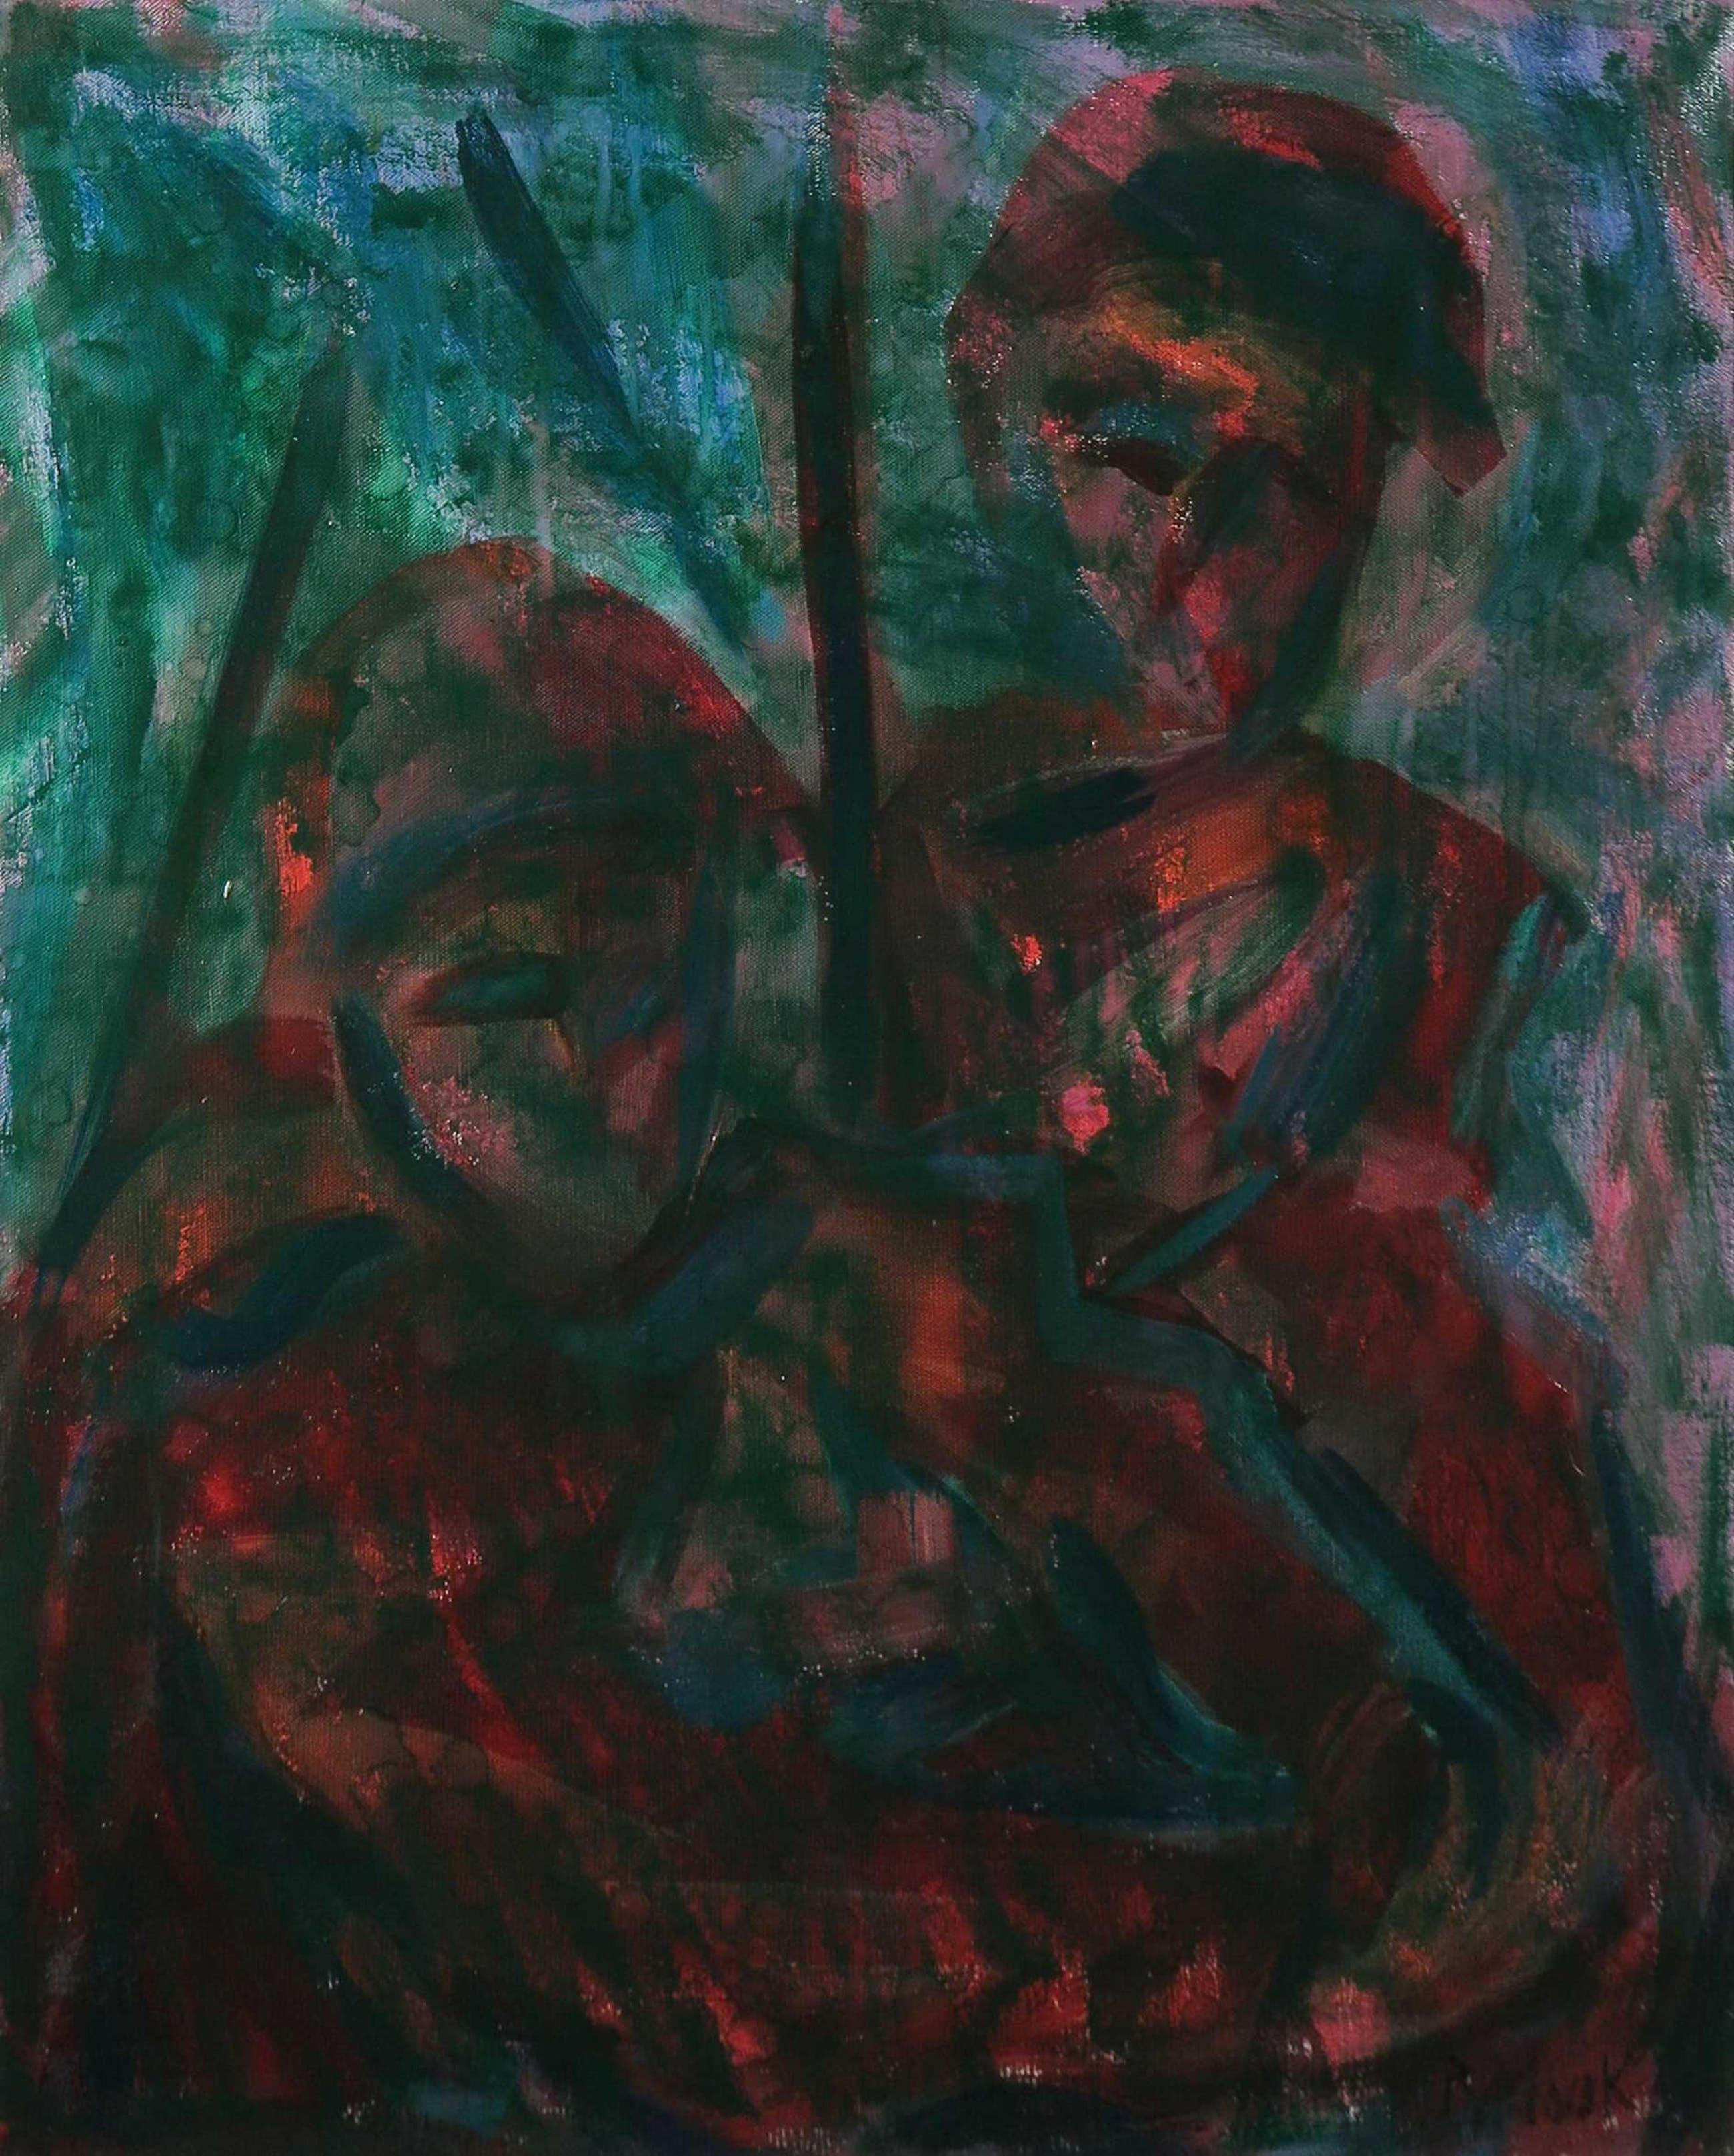 Piet van Mook - Olieverf op doek, Expressief werk met figuren - Ingelijst kopen? Bied vanaf 1!